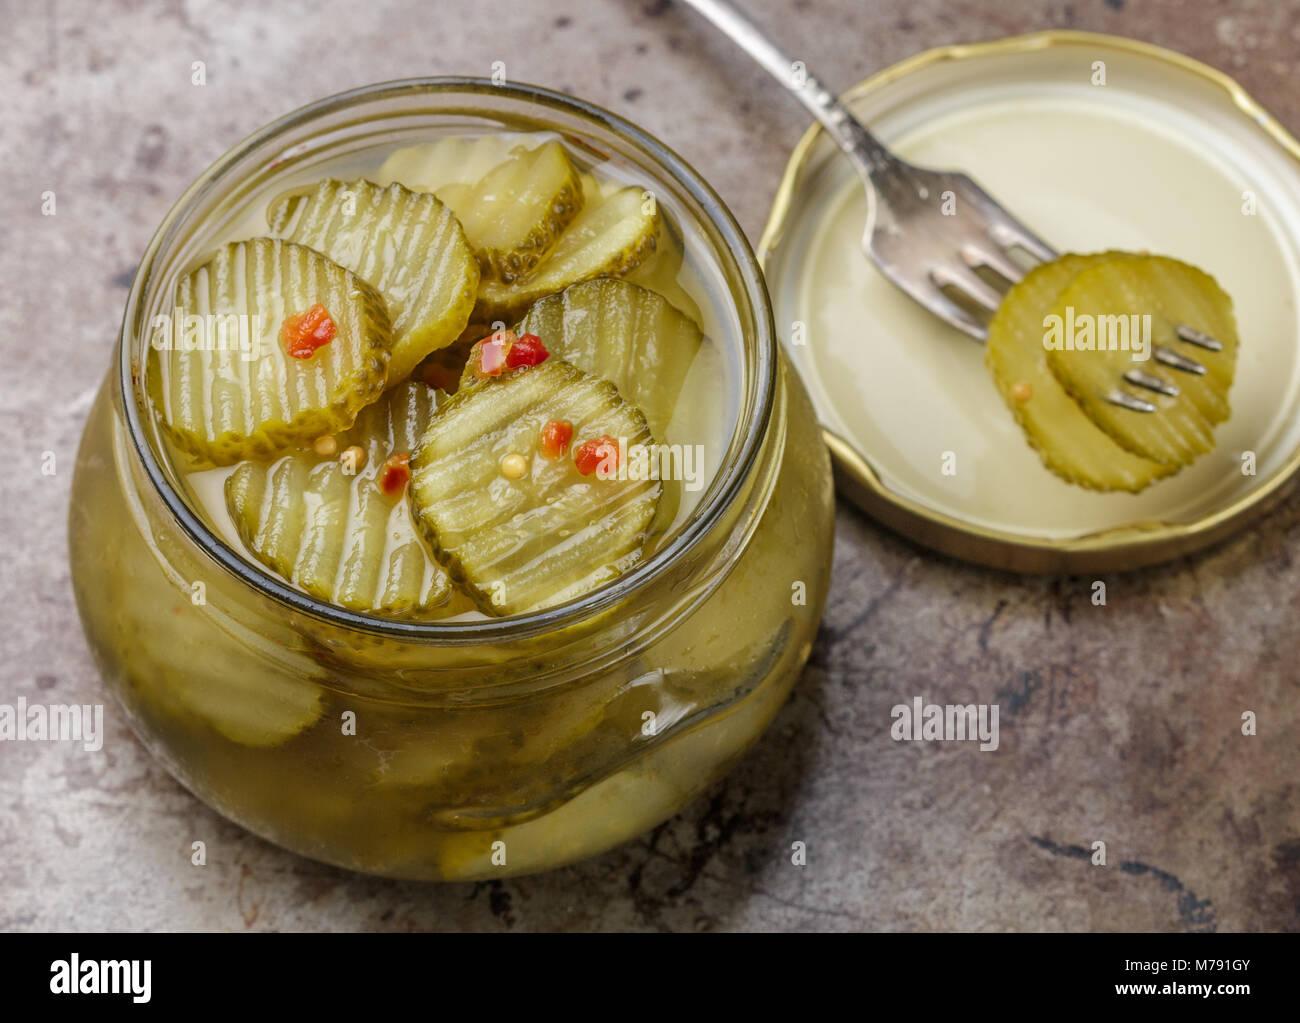 Scheiben der salzgurken mit Pfeffer und Senf im Glas. Snack für Genießer. Selektiver Fokus Stockbild